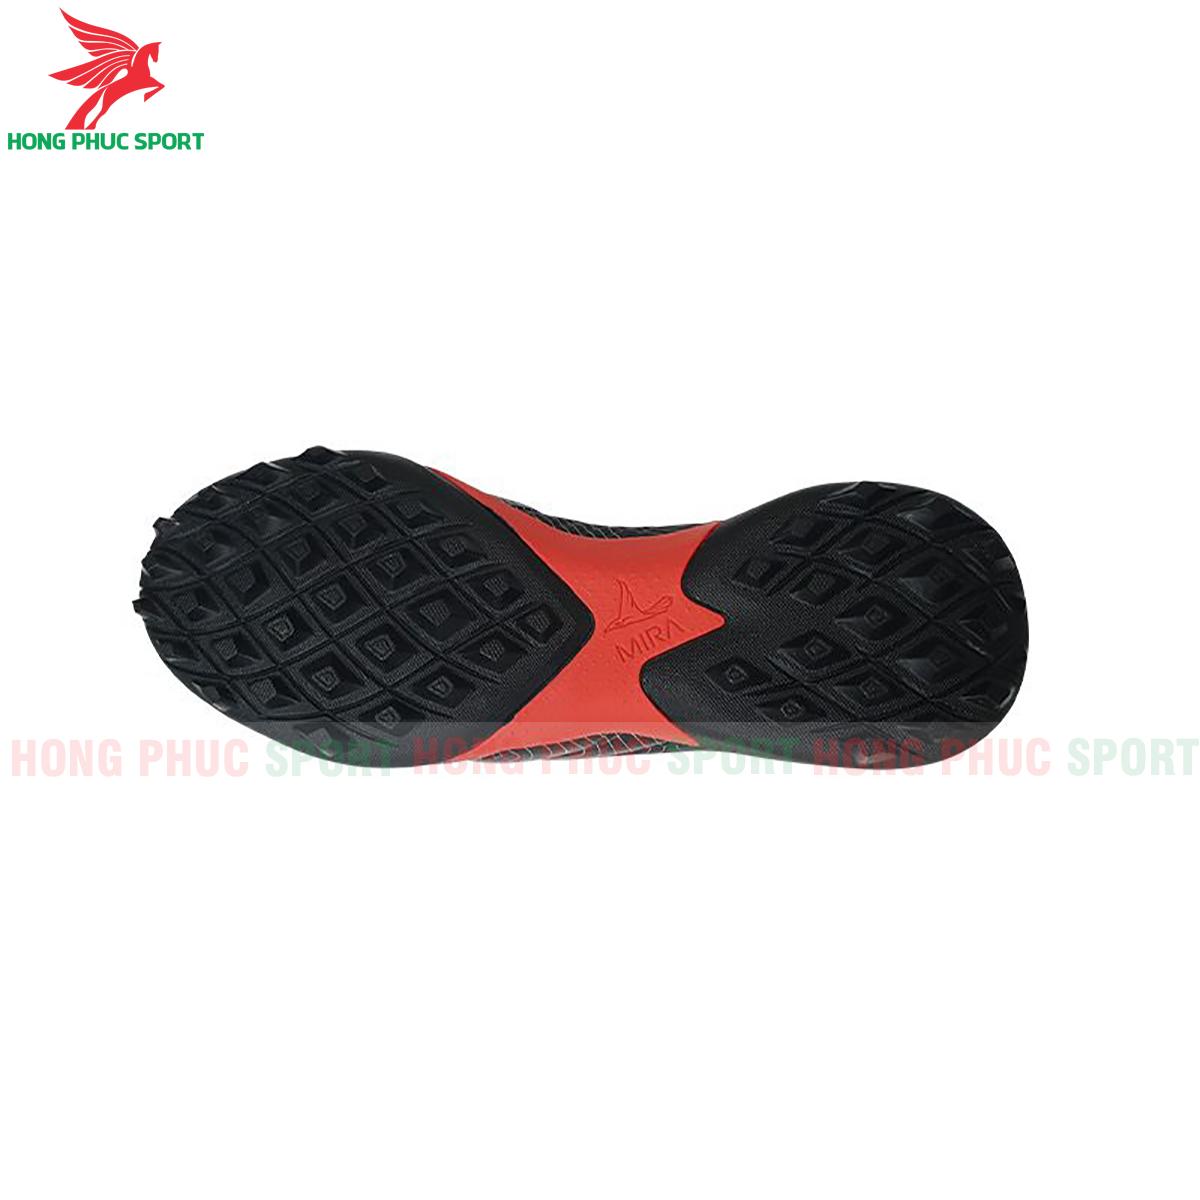 https://cdn.hongphucsport.com/unsafe/s4.shopbay.vn/files/285/giay-da-bong-mira-winner-den-4-5f73fb2988e80.png